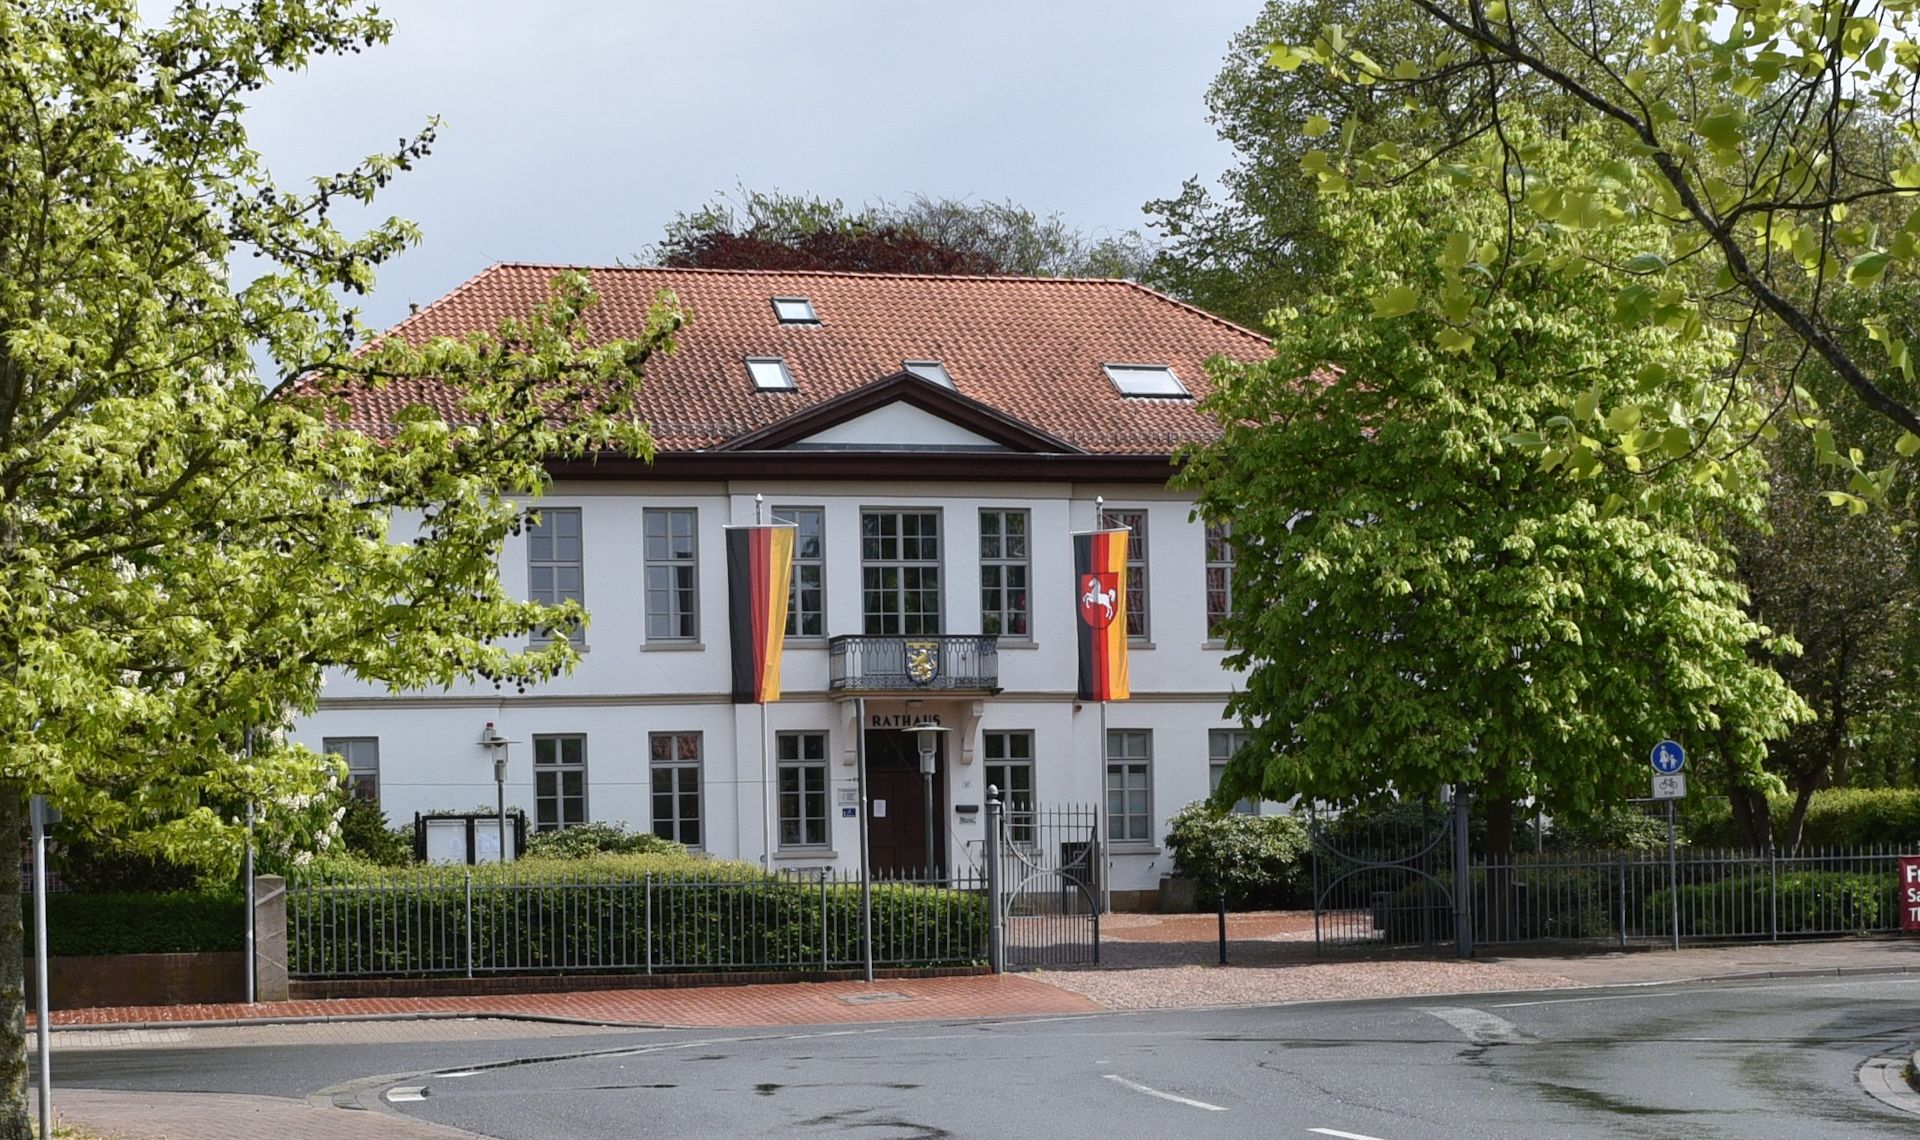 Rathaus_Startseite_Rathaus-neu